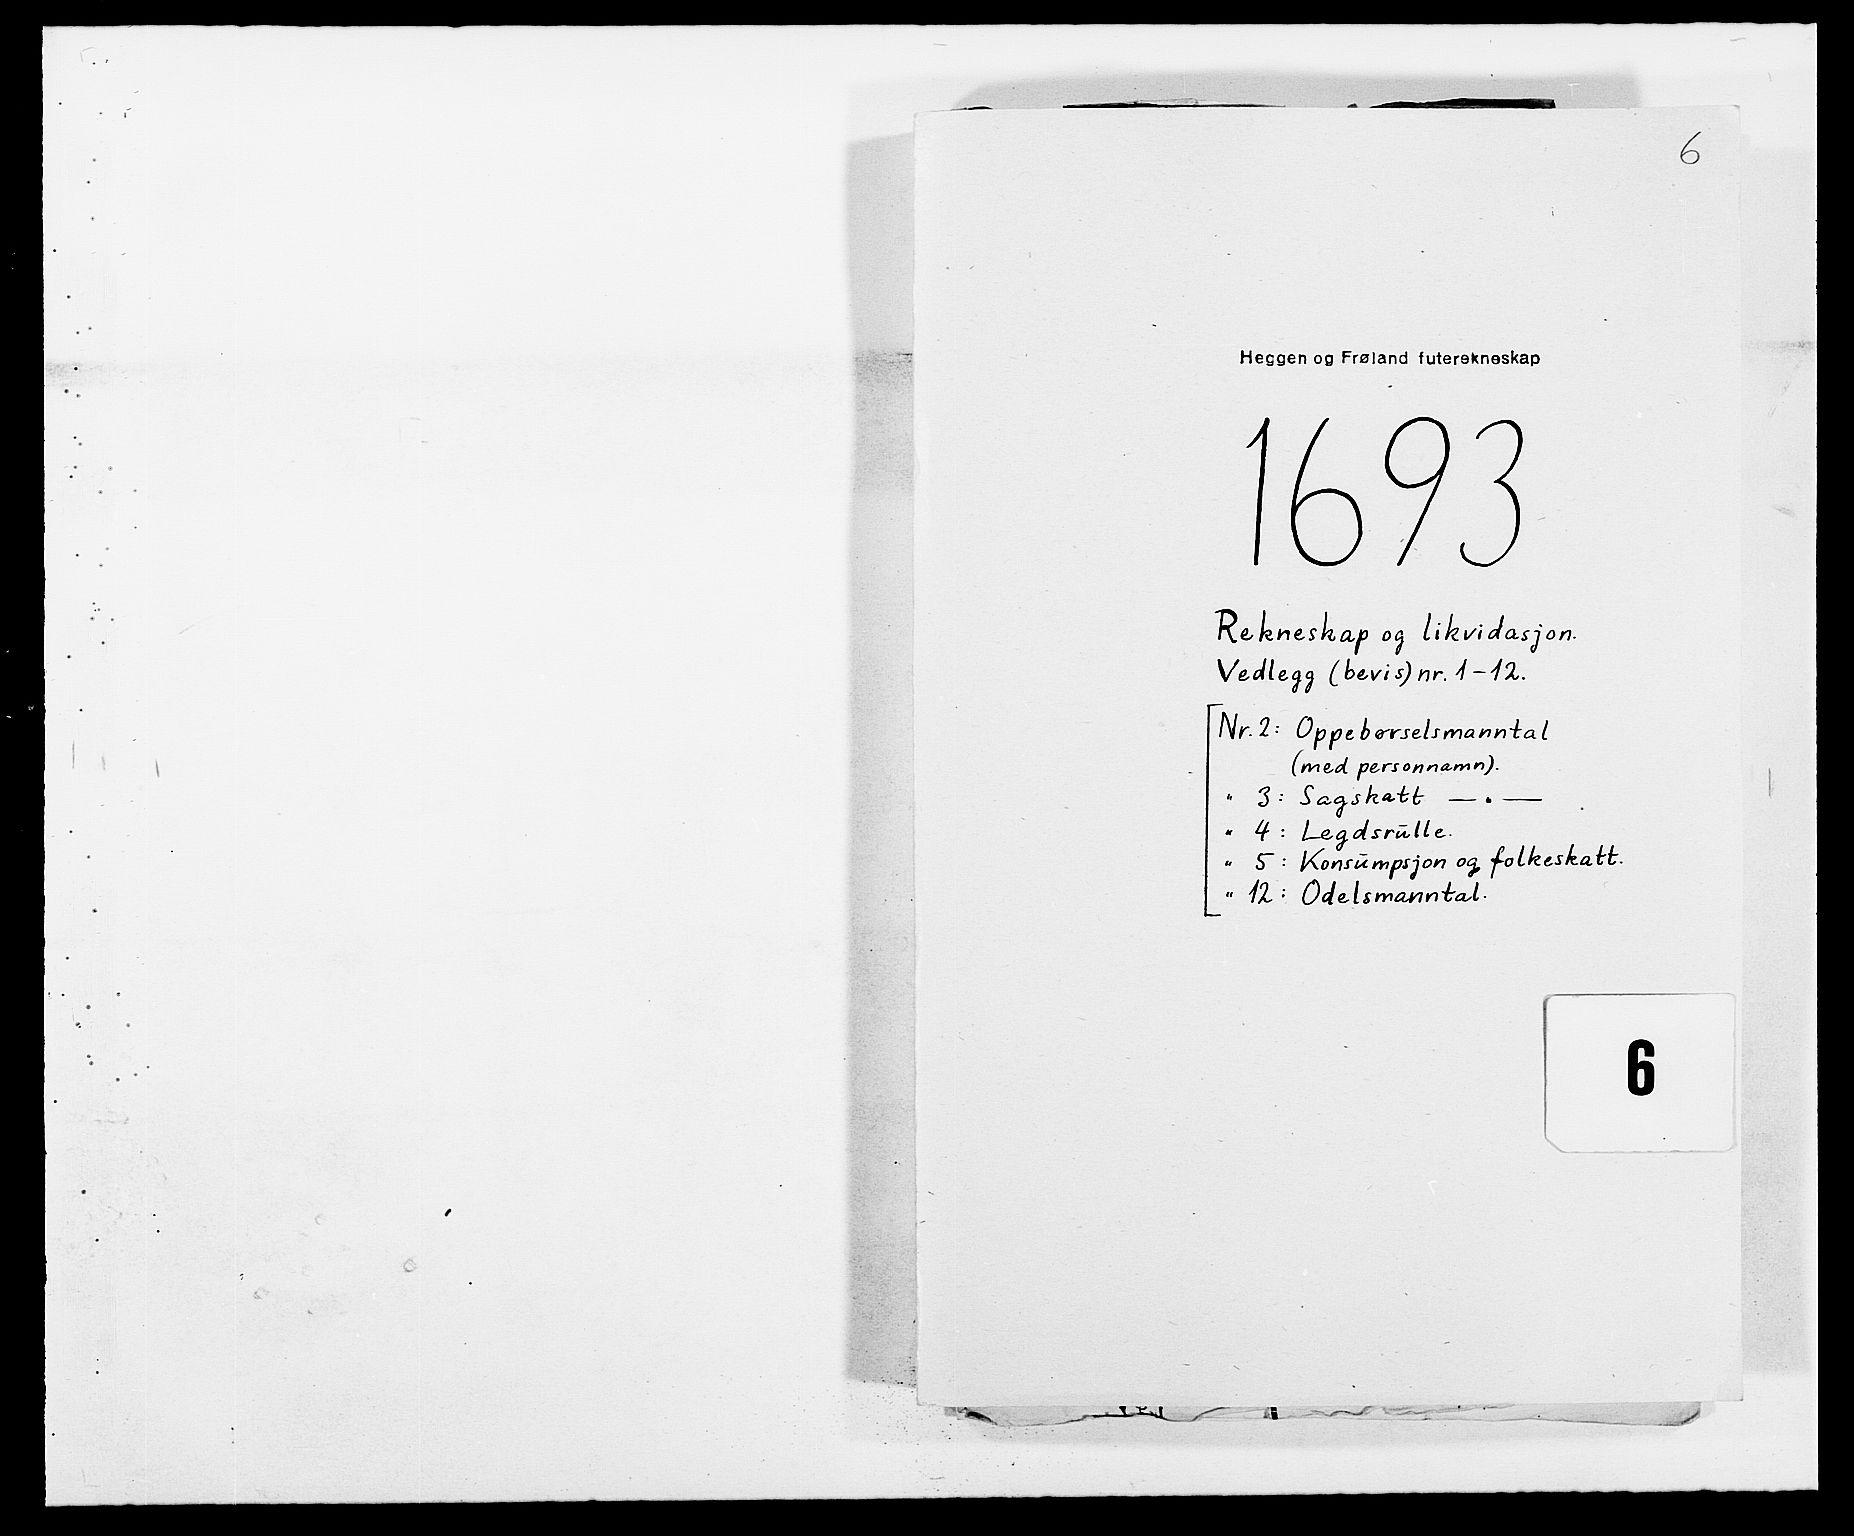 RA, Rentekammeret inntil 1814, Reviderte regnskaper, Fogderegnskap, R06/L0283: Fogderegnskap Heggen og Frøland, 1691-1693, s. 303